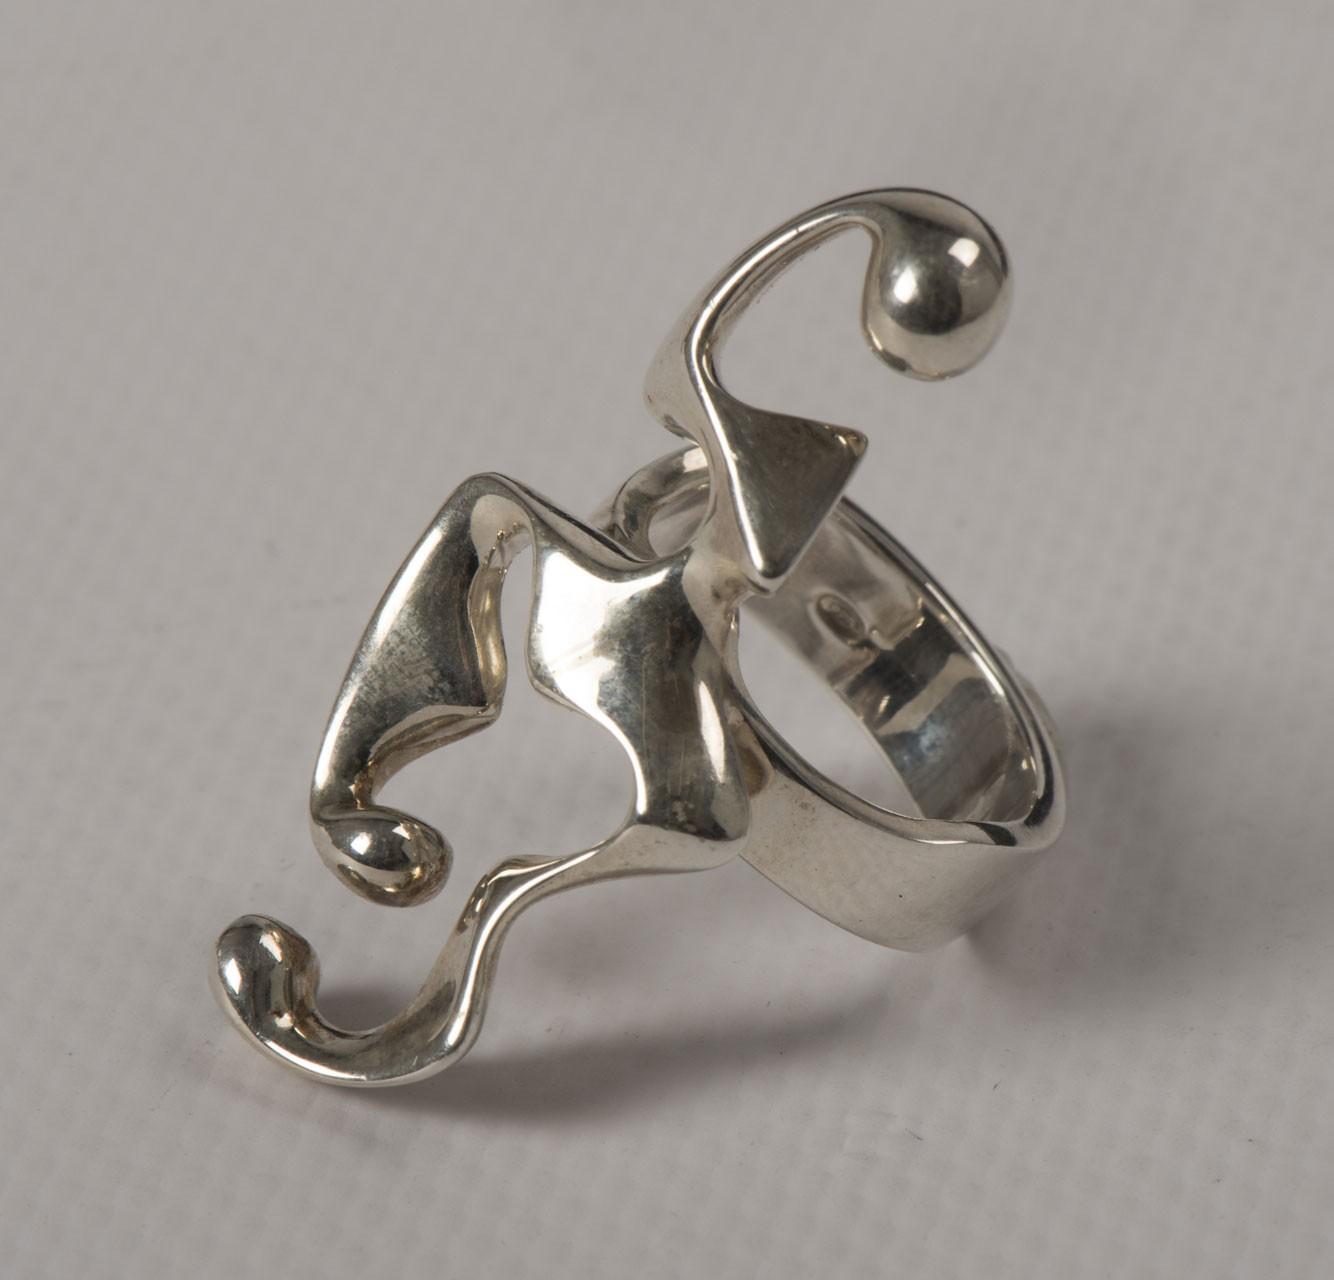 Disgiunto Twist (anello), 2015 - Argento 925, mm 38x19x4 realizzato in 100 esemplari